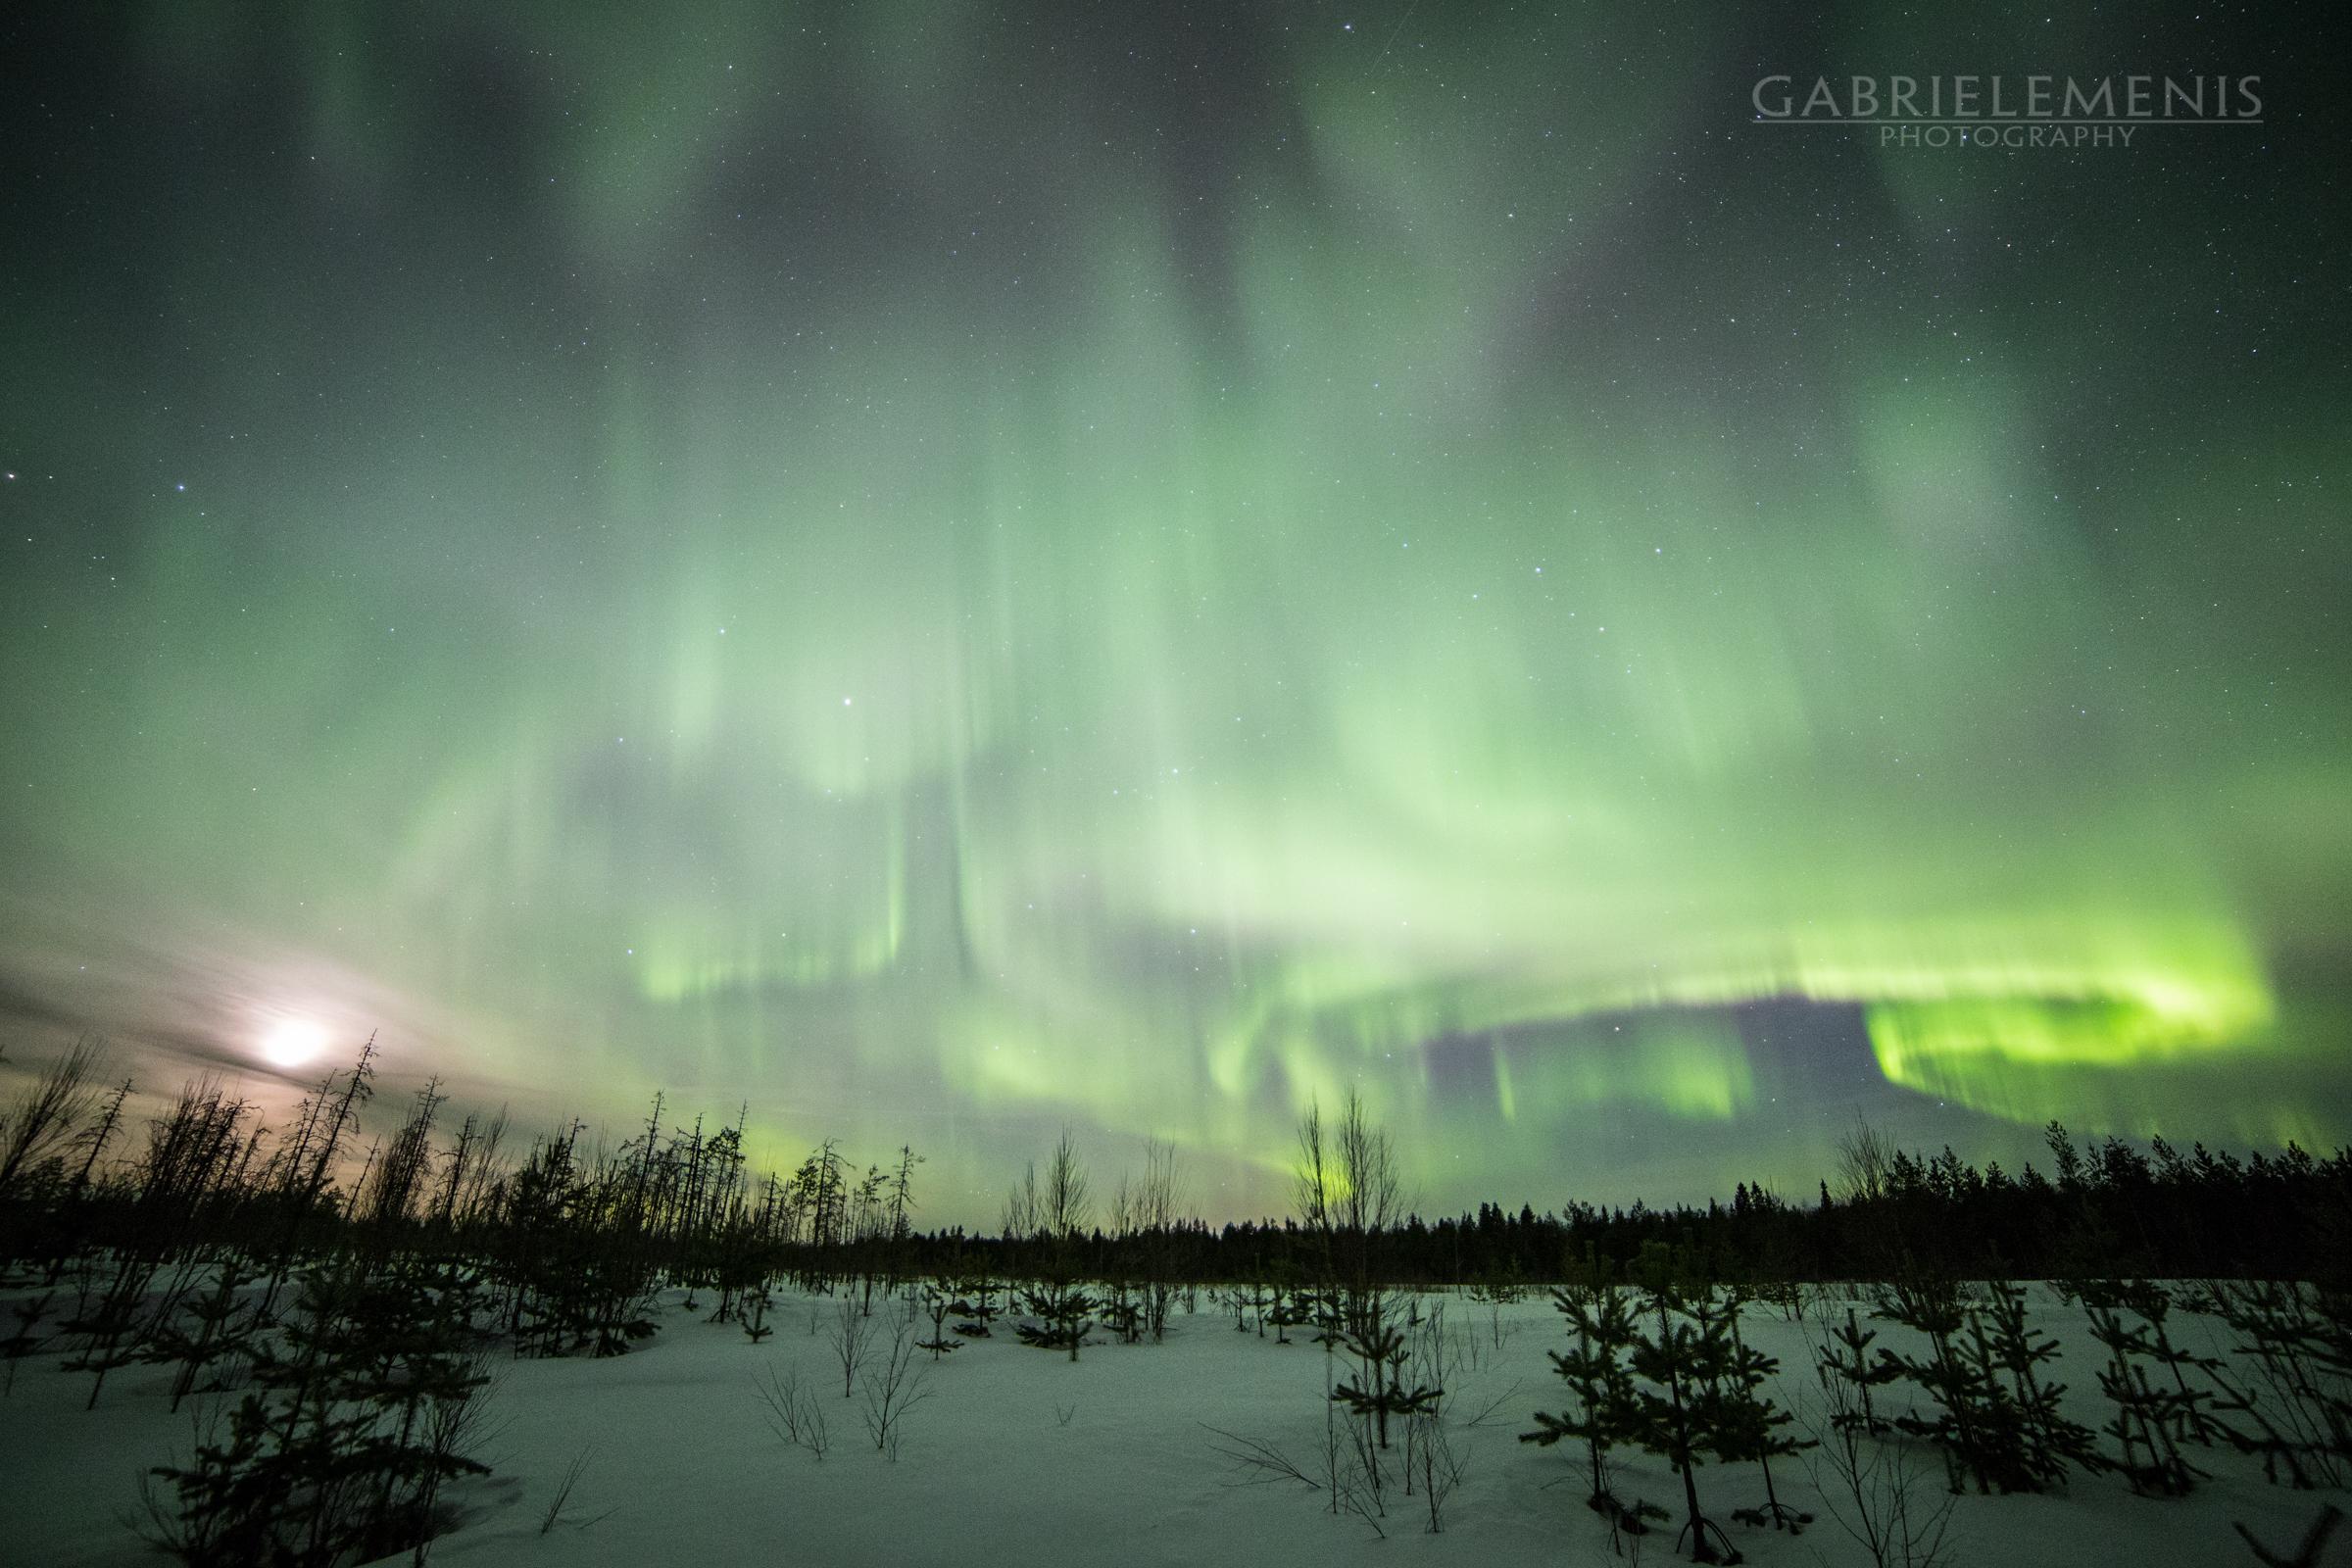 L'aurora boreale può coprire tutto il cielo e riflettersi sulla neve